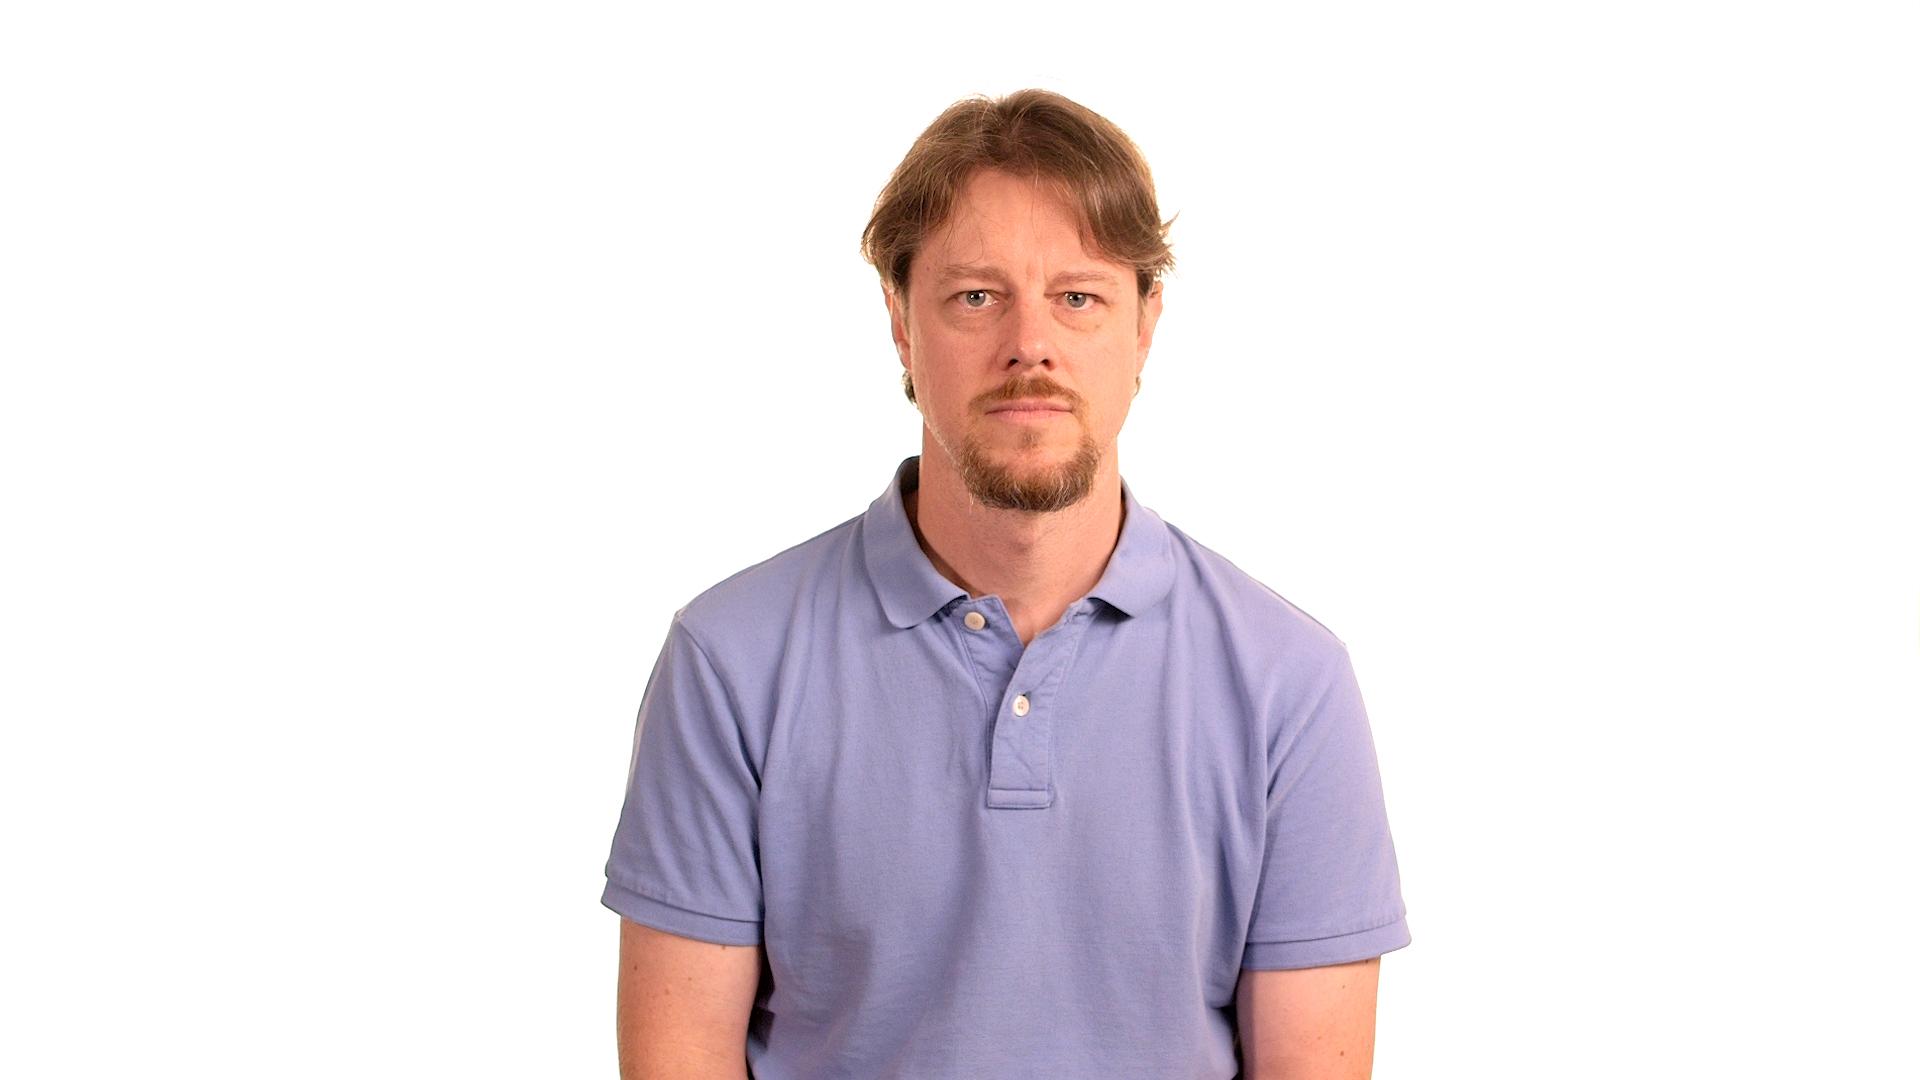 Andrew Helmboldt